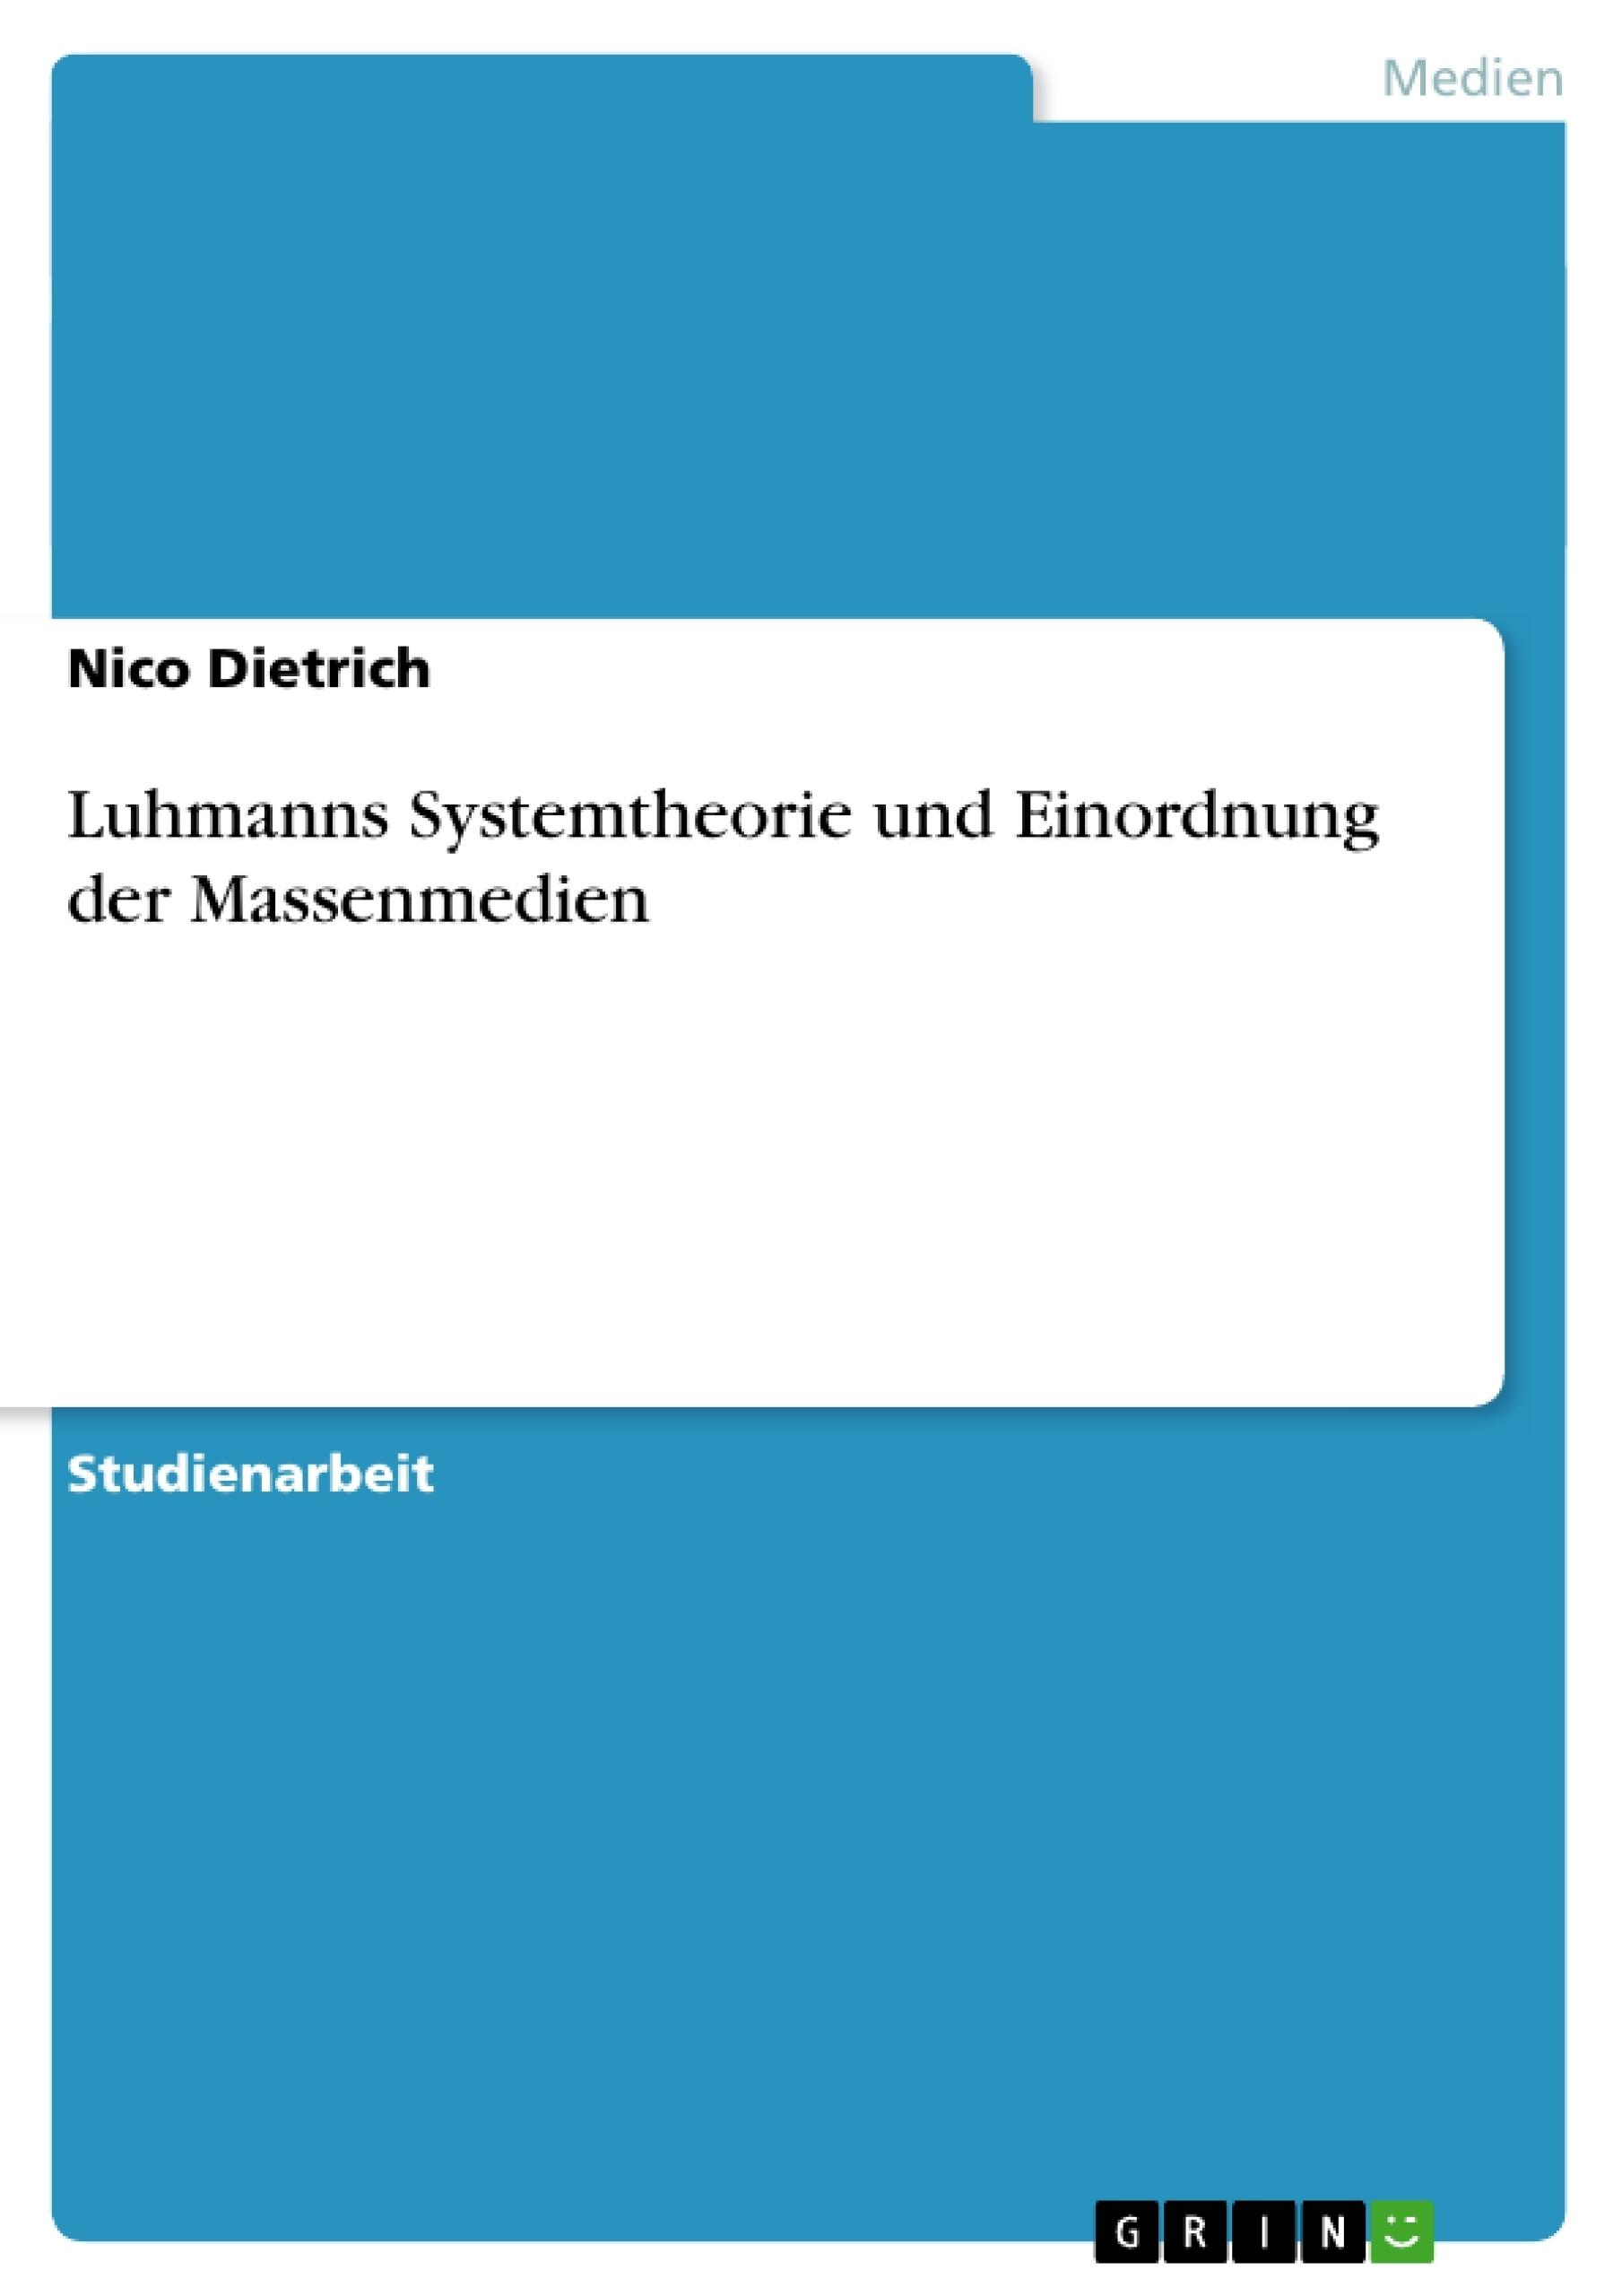 Titel: Luhmanns Systemtheorie und Einordnung der Massenmedien